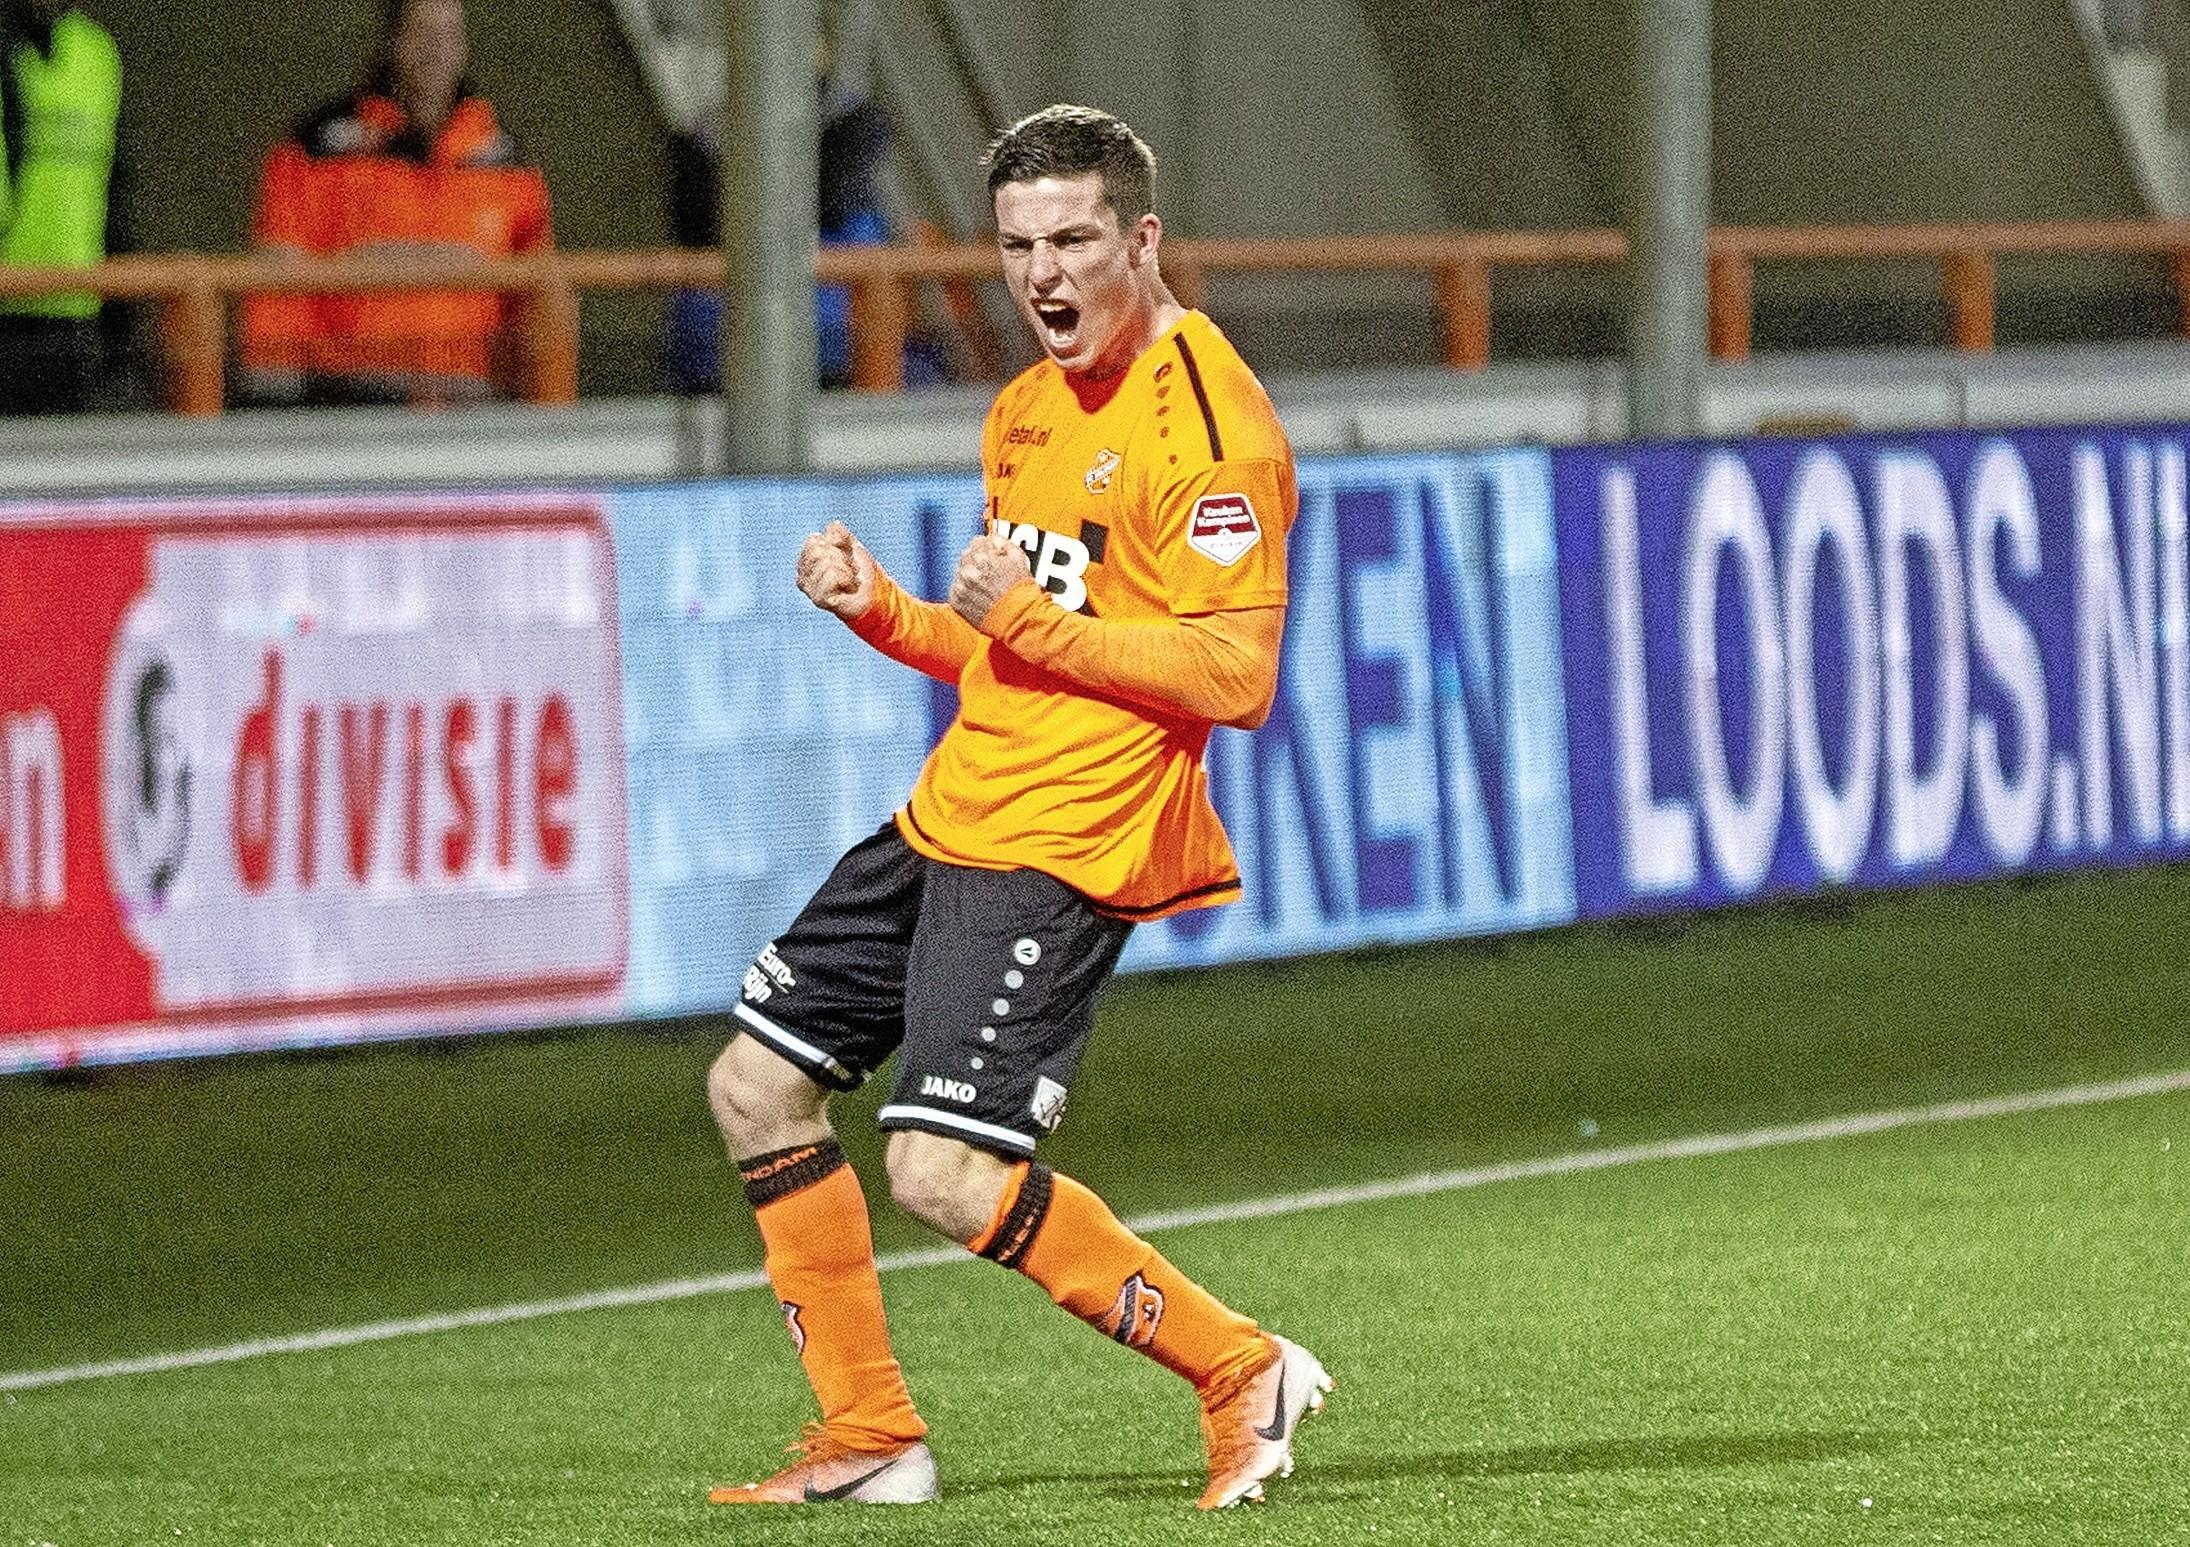 Coronatest Nick Doodeman raakt zoek. Speler FC Volendam mag niet meedoen tegen De Graafschap. 'We hebben zelfs in de vuilnisbakken gekeken, maar helaas'